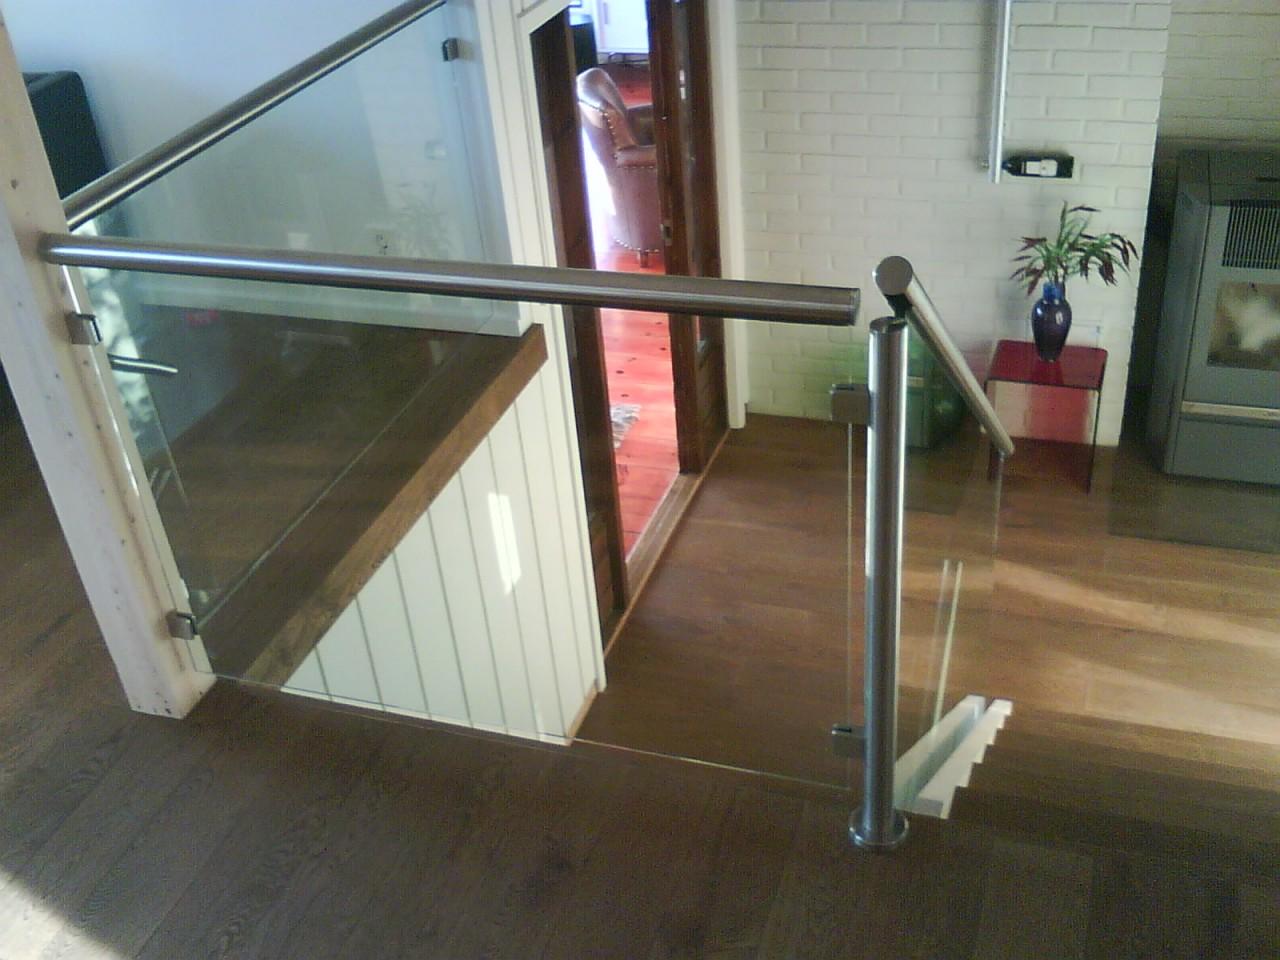 Vi lager og monterer alt av glass og st?l rekkverk til trapper